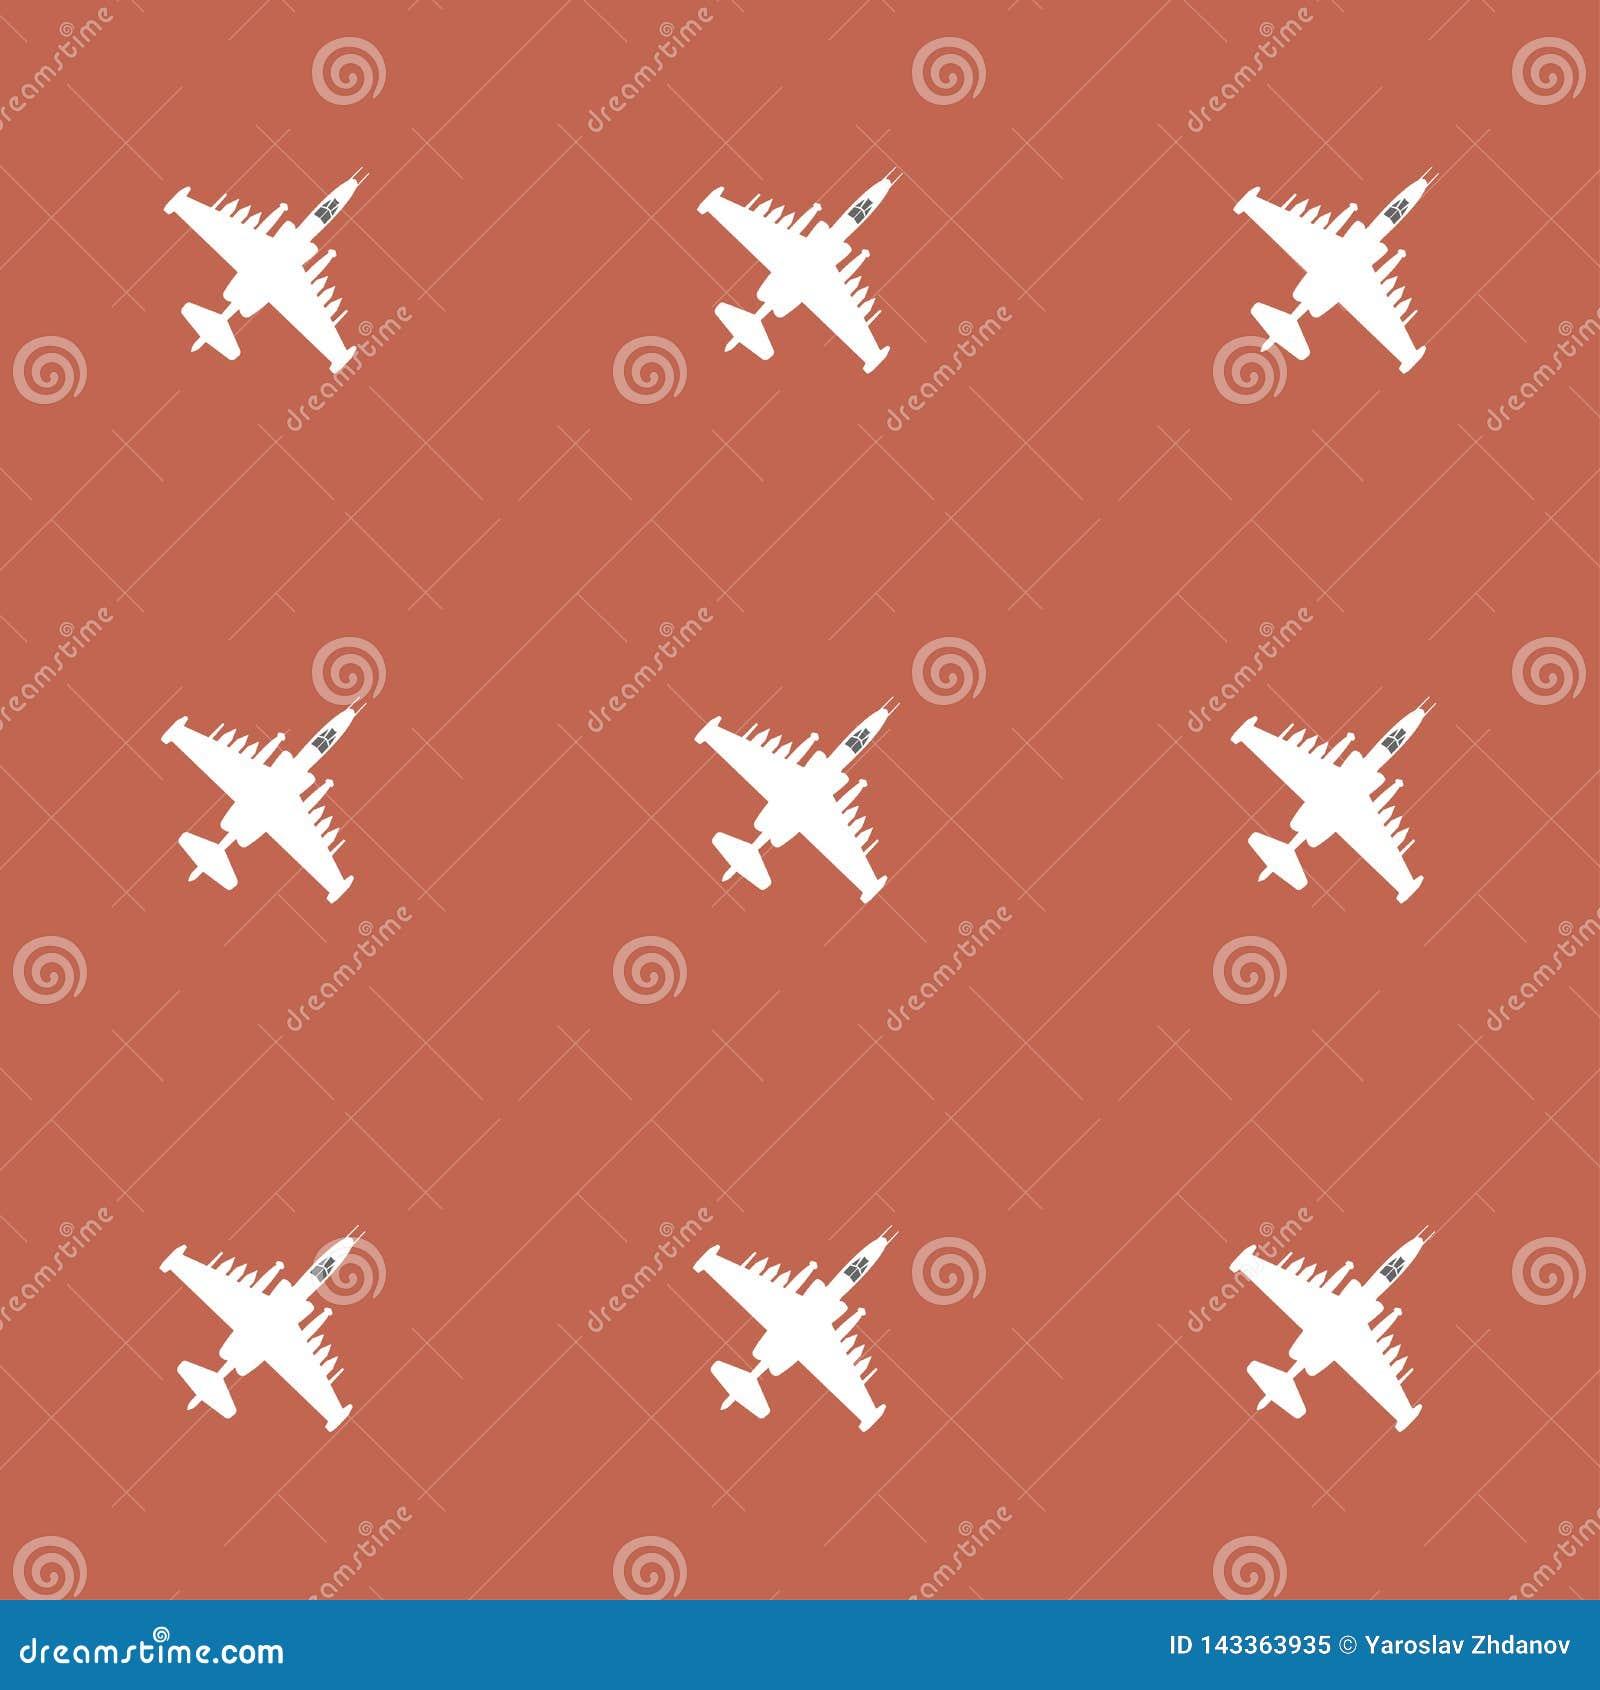 Avions D Attaque Modele Sans Couture Sur Un Fond Jaune Dessins De Vecteur Illustration De Vecteur Illustration Du Dessins Jaune 143363935